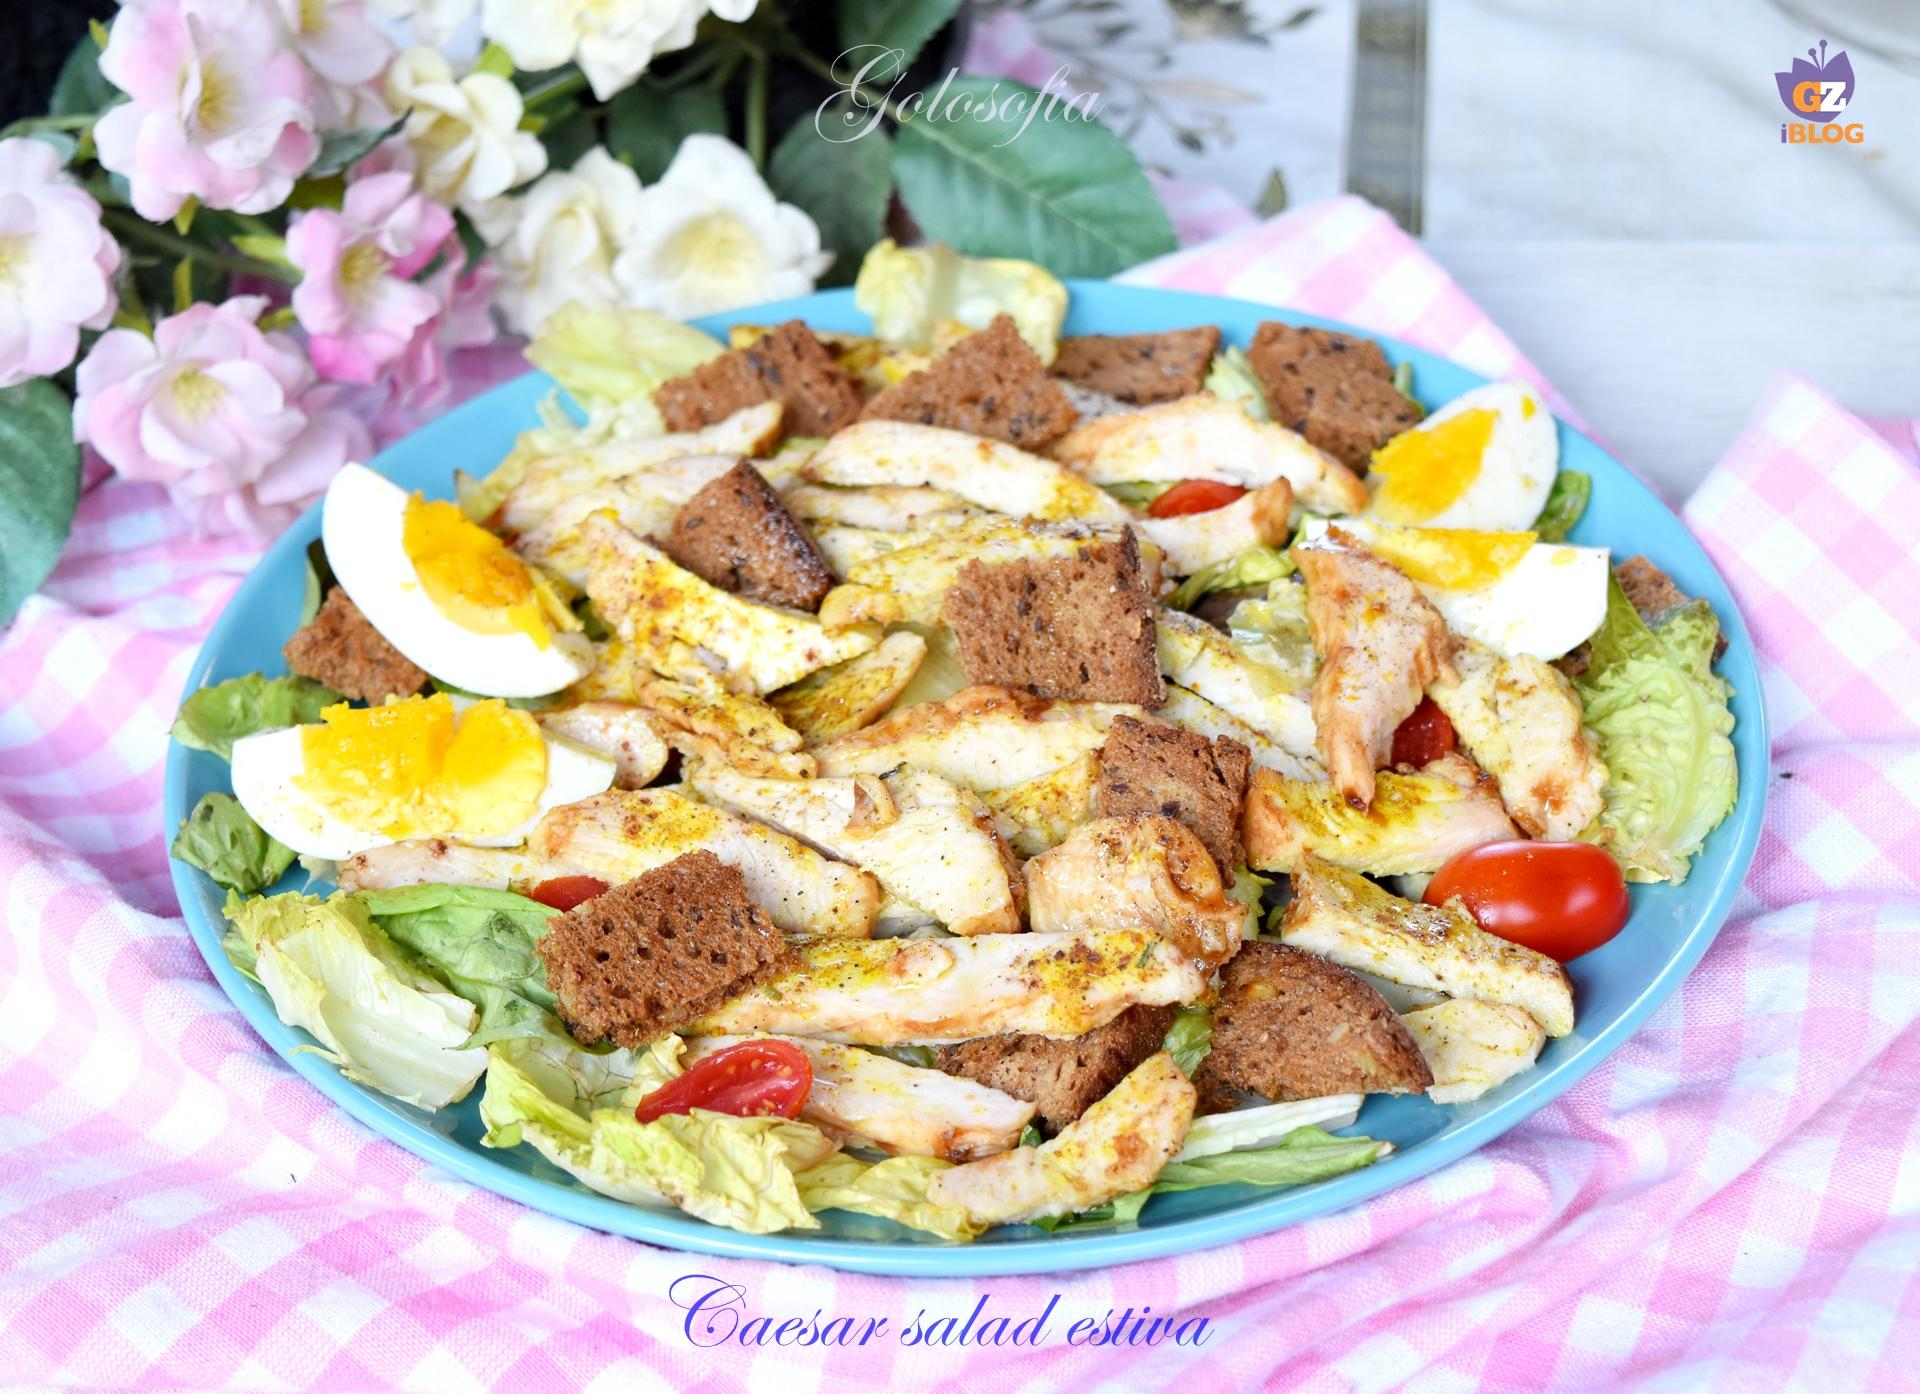 Caesar salad estiva-ricetta secondi-golosofia